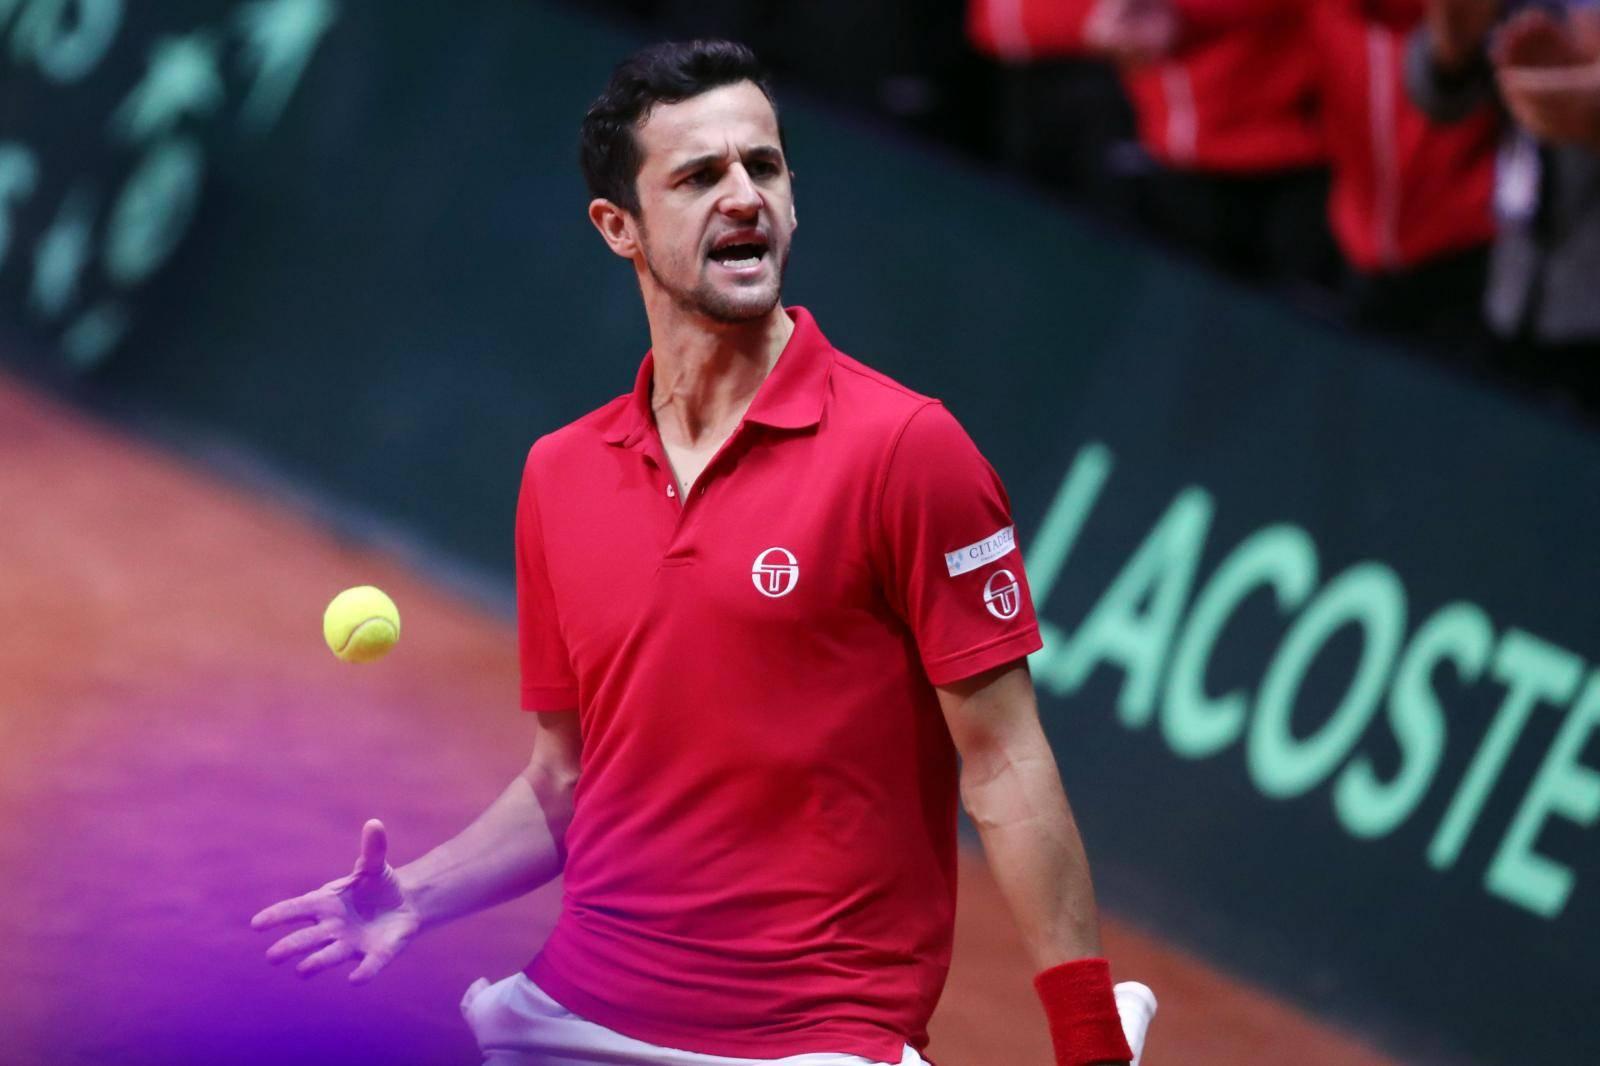 Lille: Dodig i Pavić protiv Herberta i Mahuta u finalu Davis Cupa